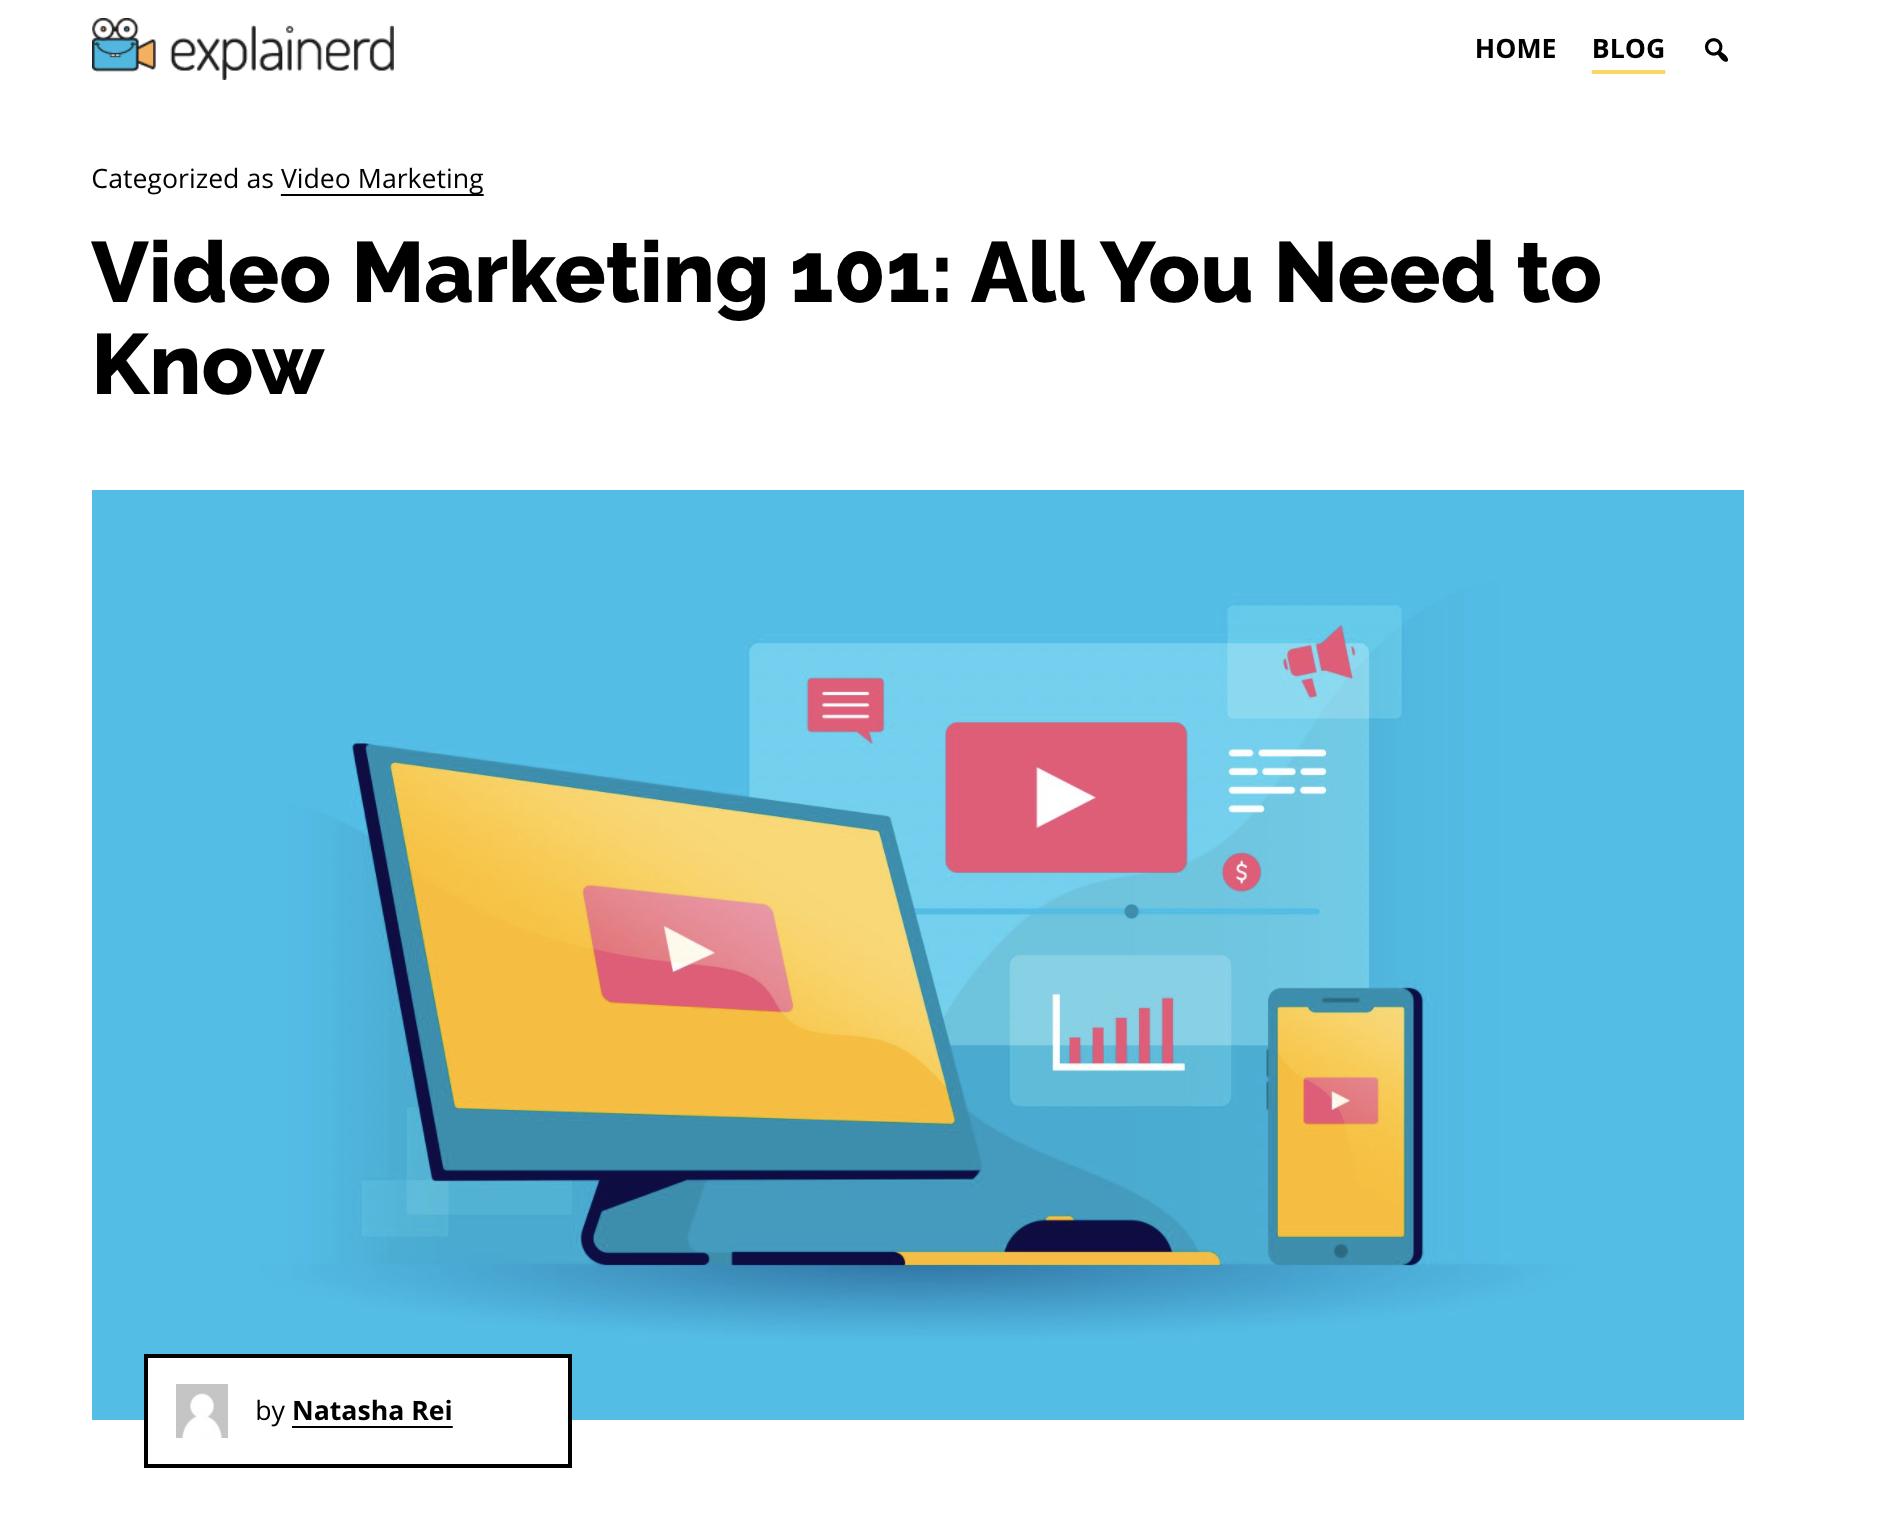 explainerd content marketing example